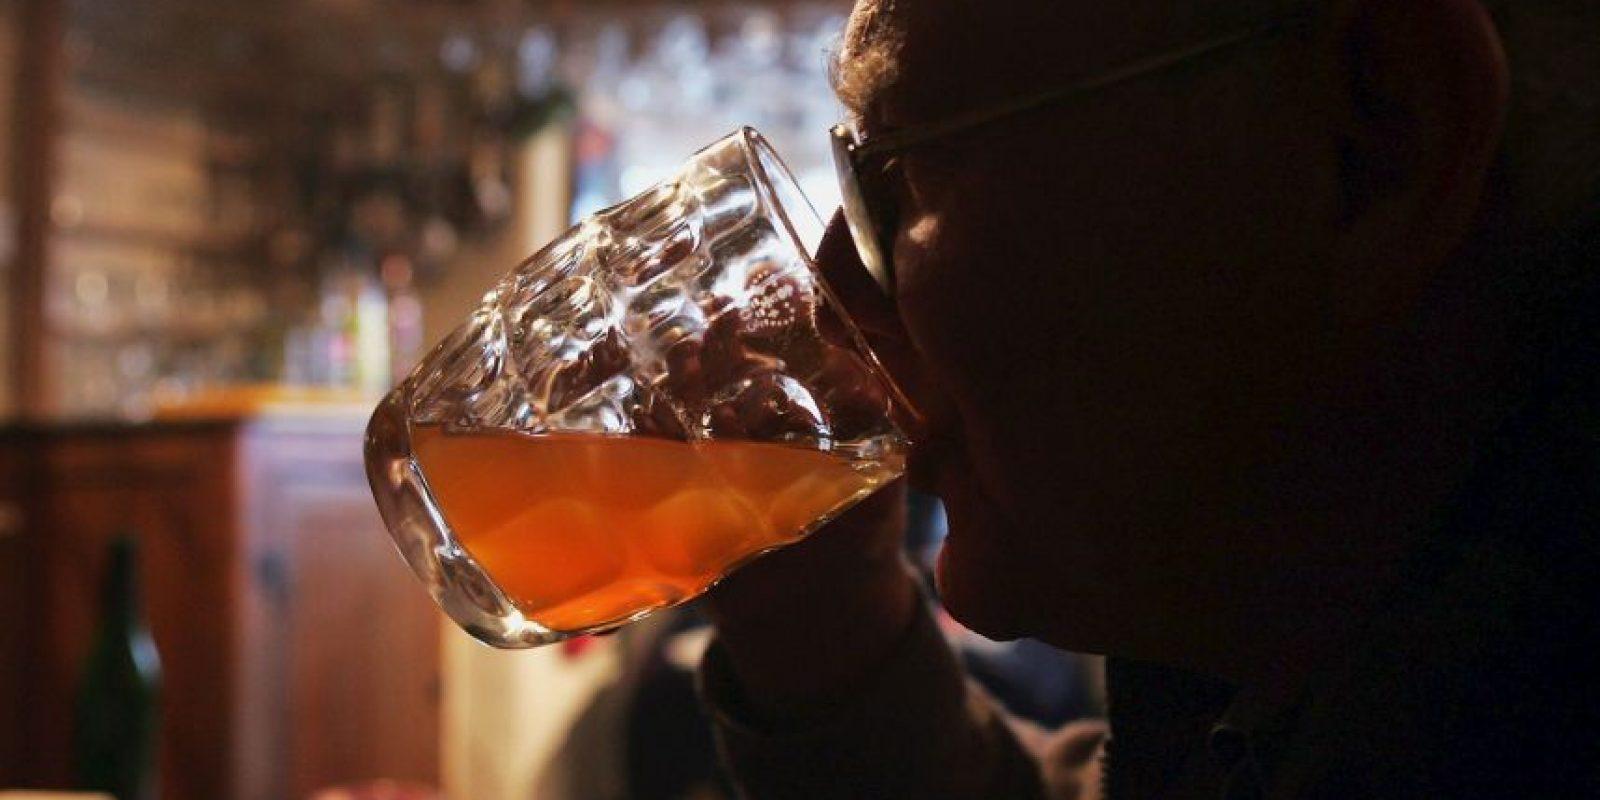 Se investiga si el incidente estuvo relacionada con una persona alcohólica. Foto:Getty Images